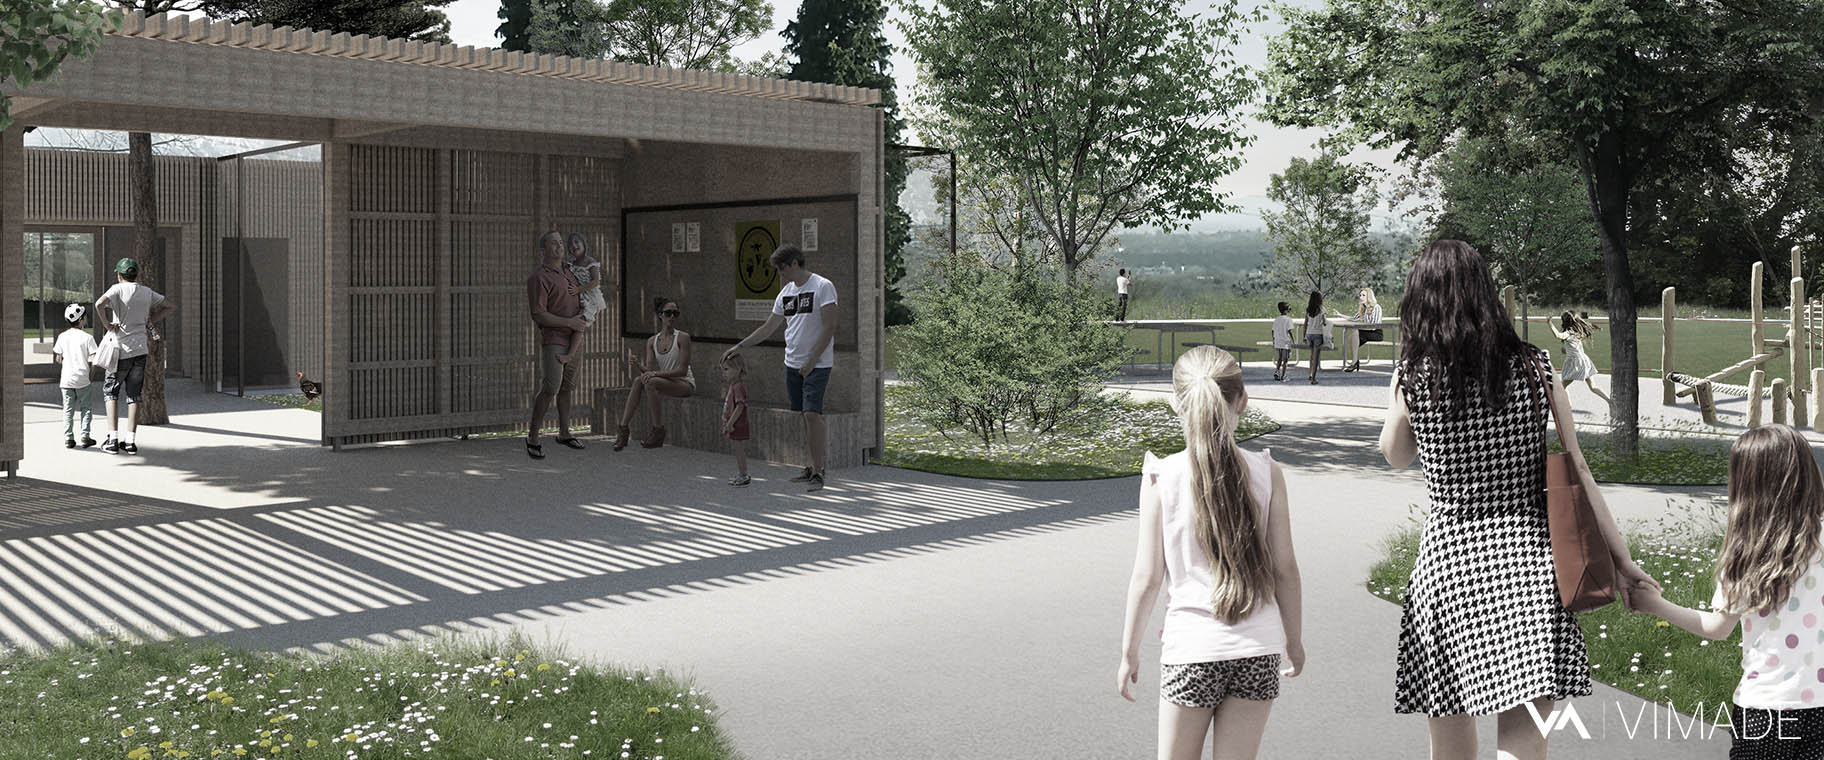 perspective-parc-animalier-esplanade-prospecierara-vernier-edicules-couvert-ombrière-pergola-meleze-claire-voie-architecture-paysage-vimade-genève